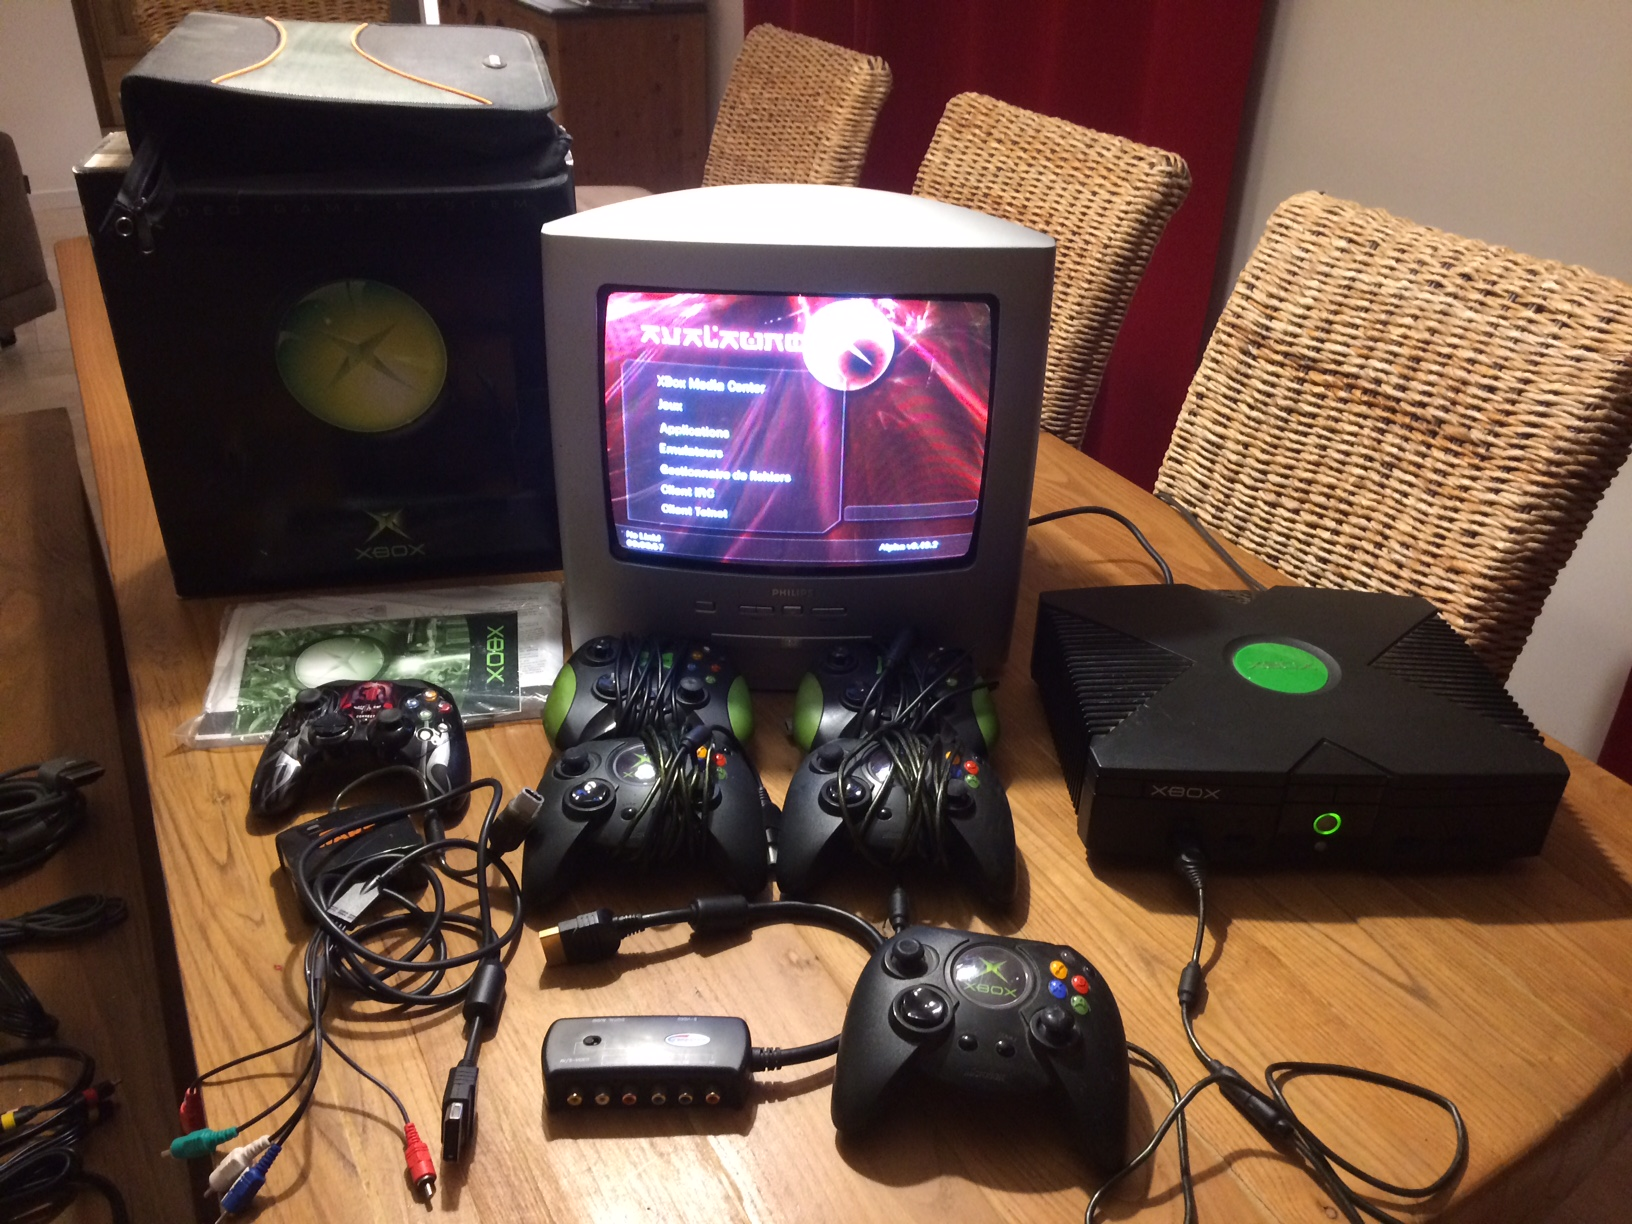 [VDS] Xbox première génération en boîte + nombreux accessoires + jeux 181012074100699753